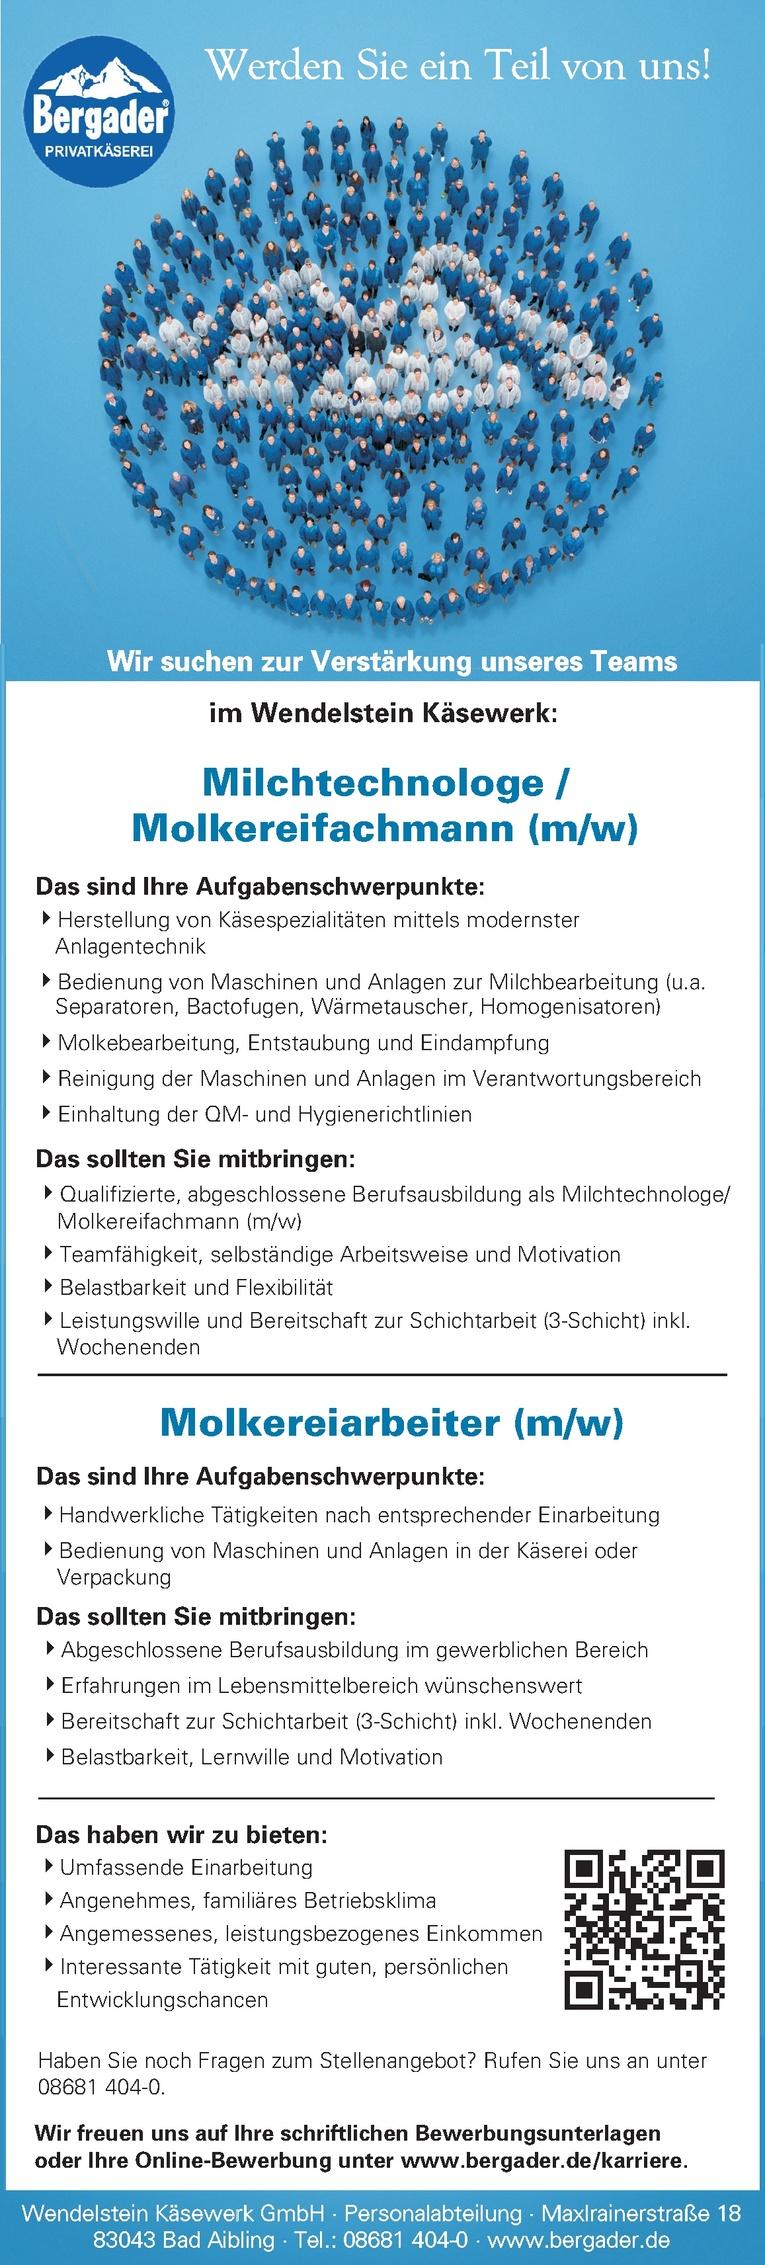 Milchtechnologe/Molkereifachmann (m/w)